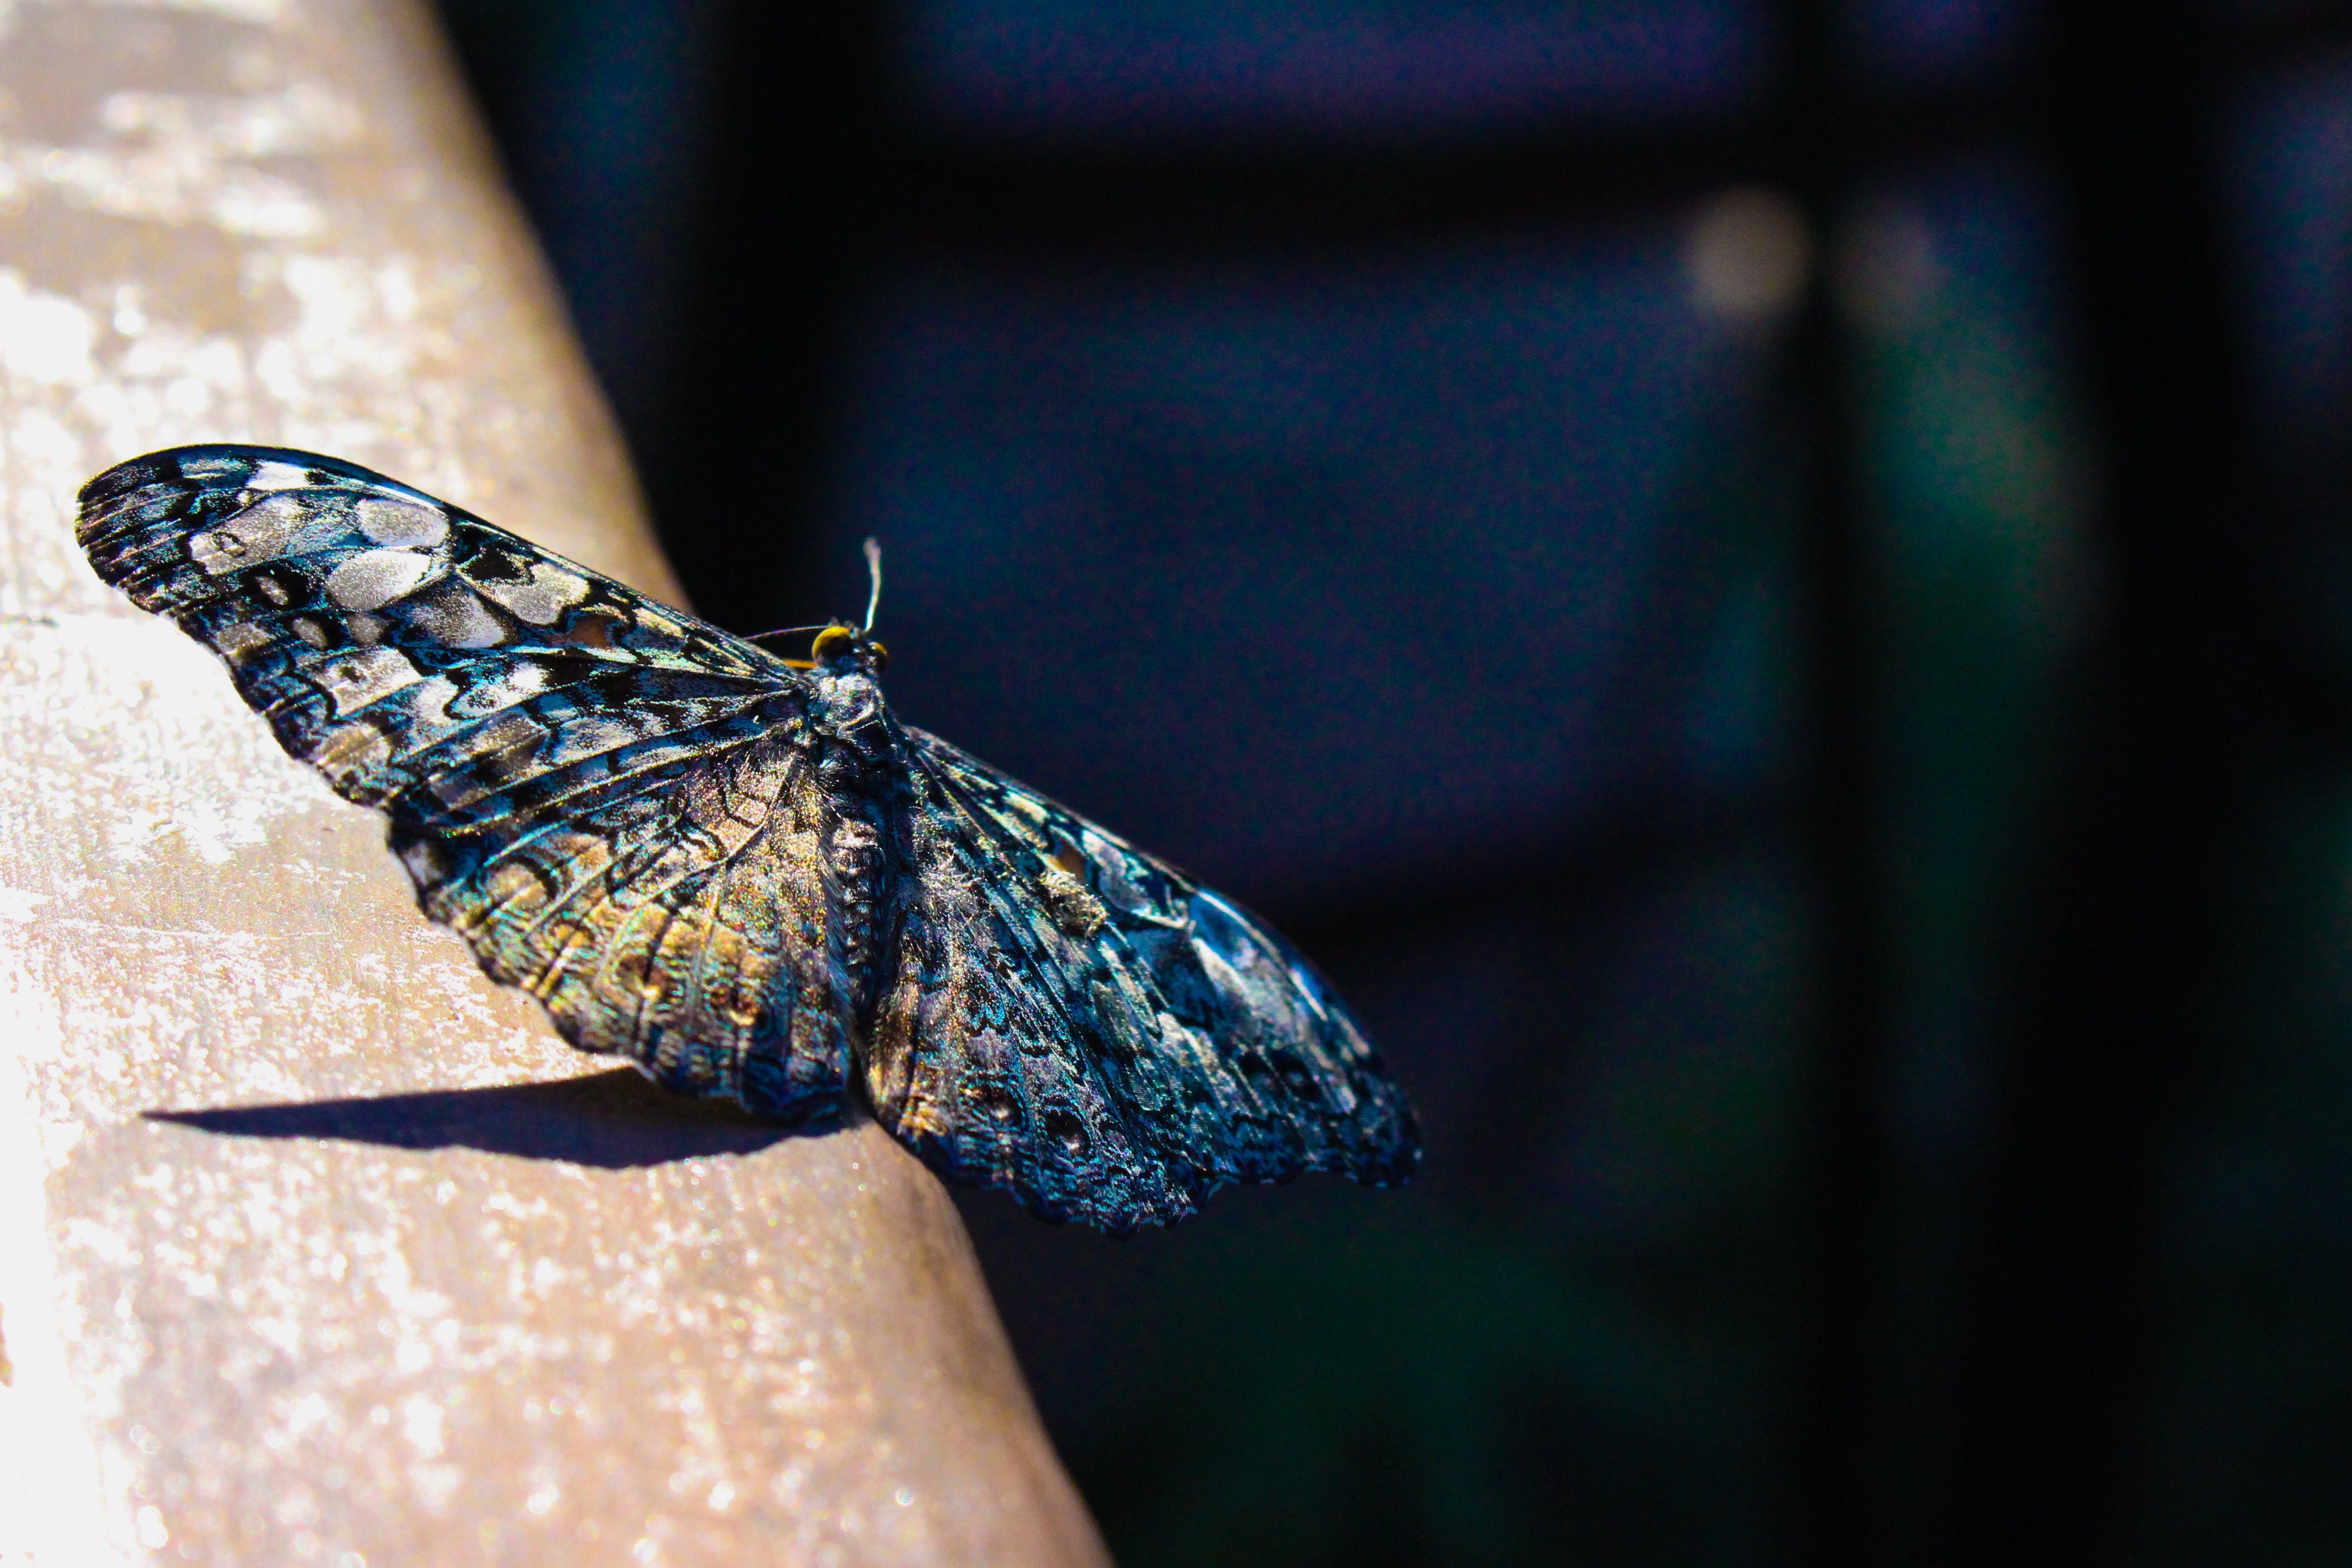 Gratis lagerfoto af biologi, close-up, dyr, dyreliv